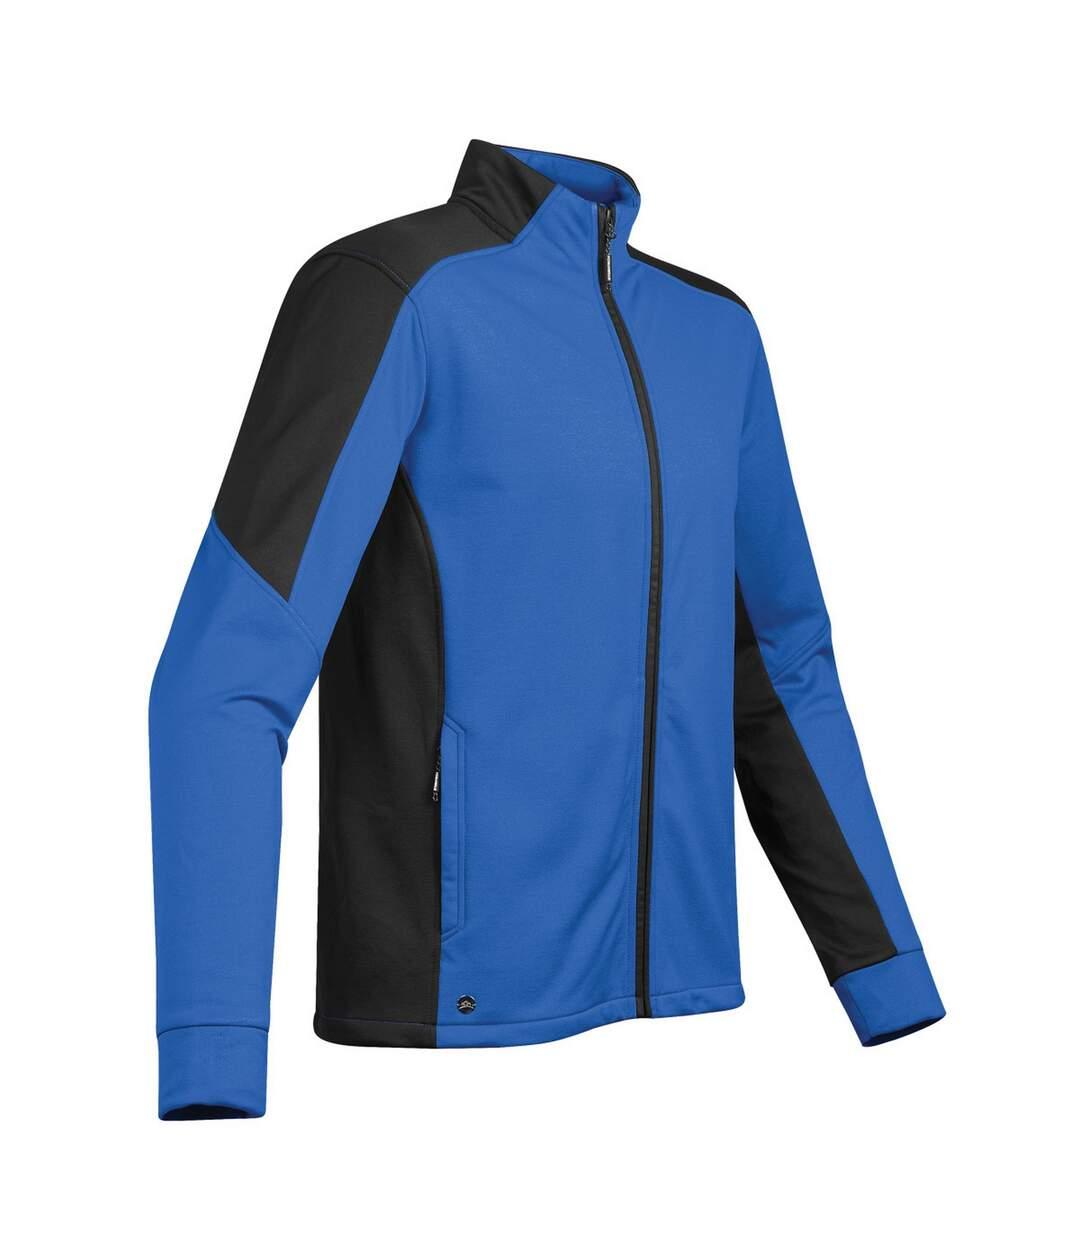 Stormtech Mens Chakra Fleece Jacket (Azure/Black) - UTBC3880